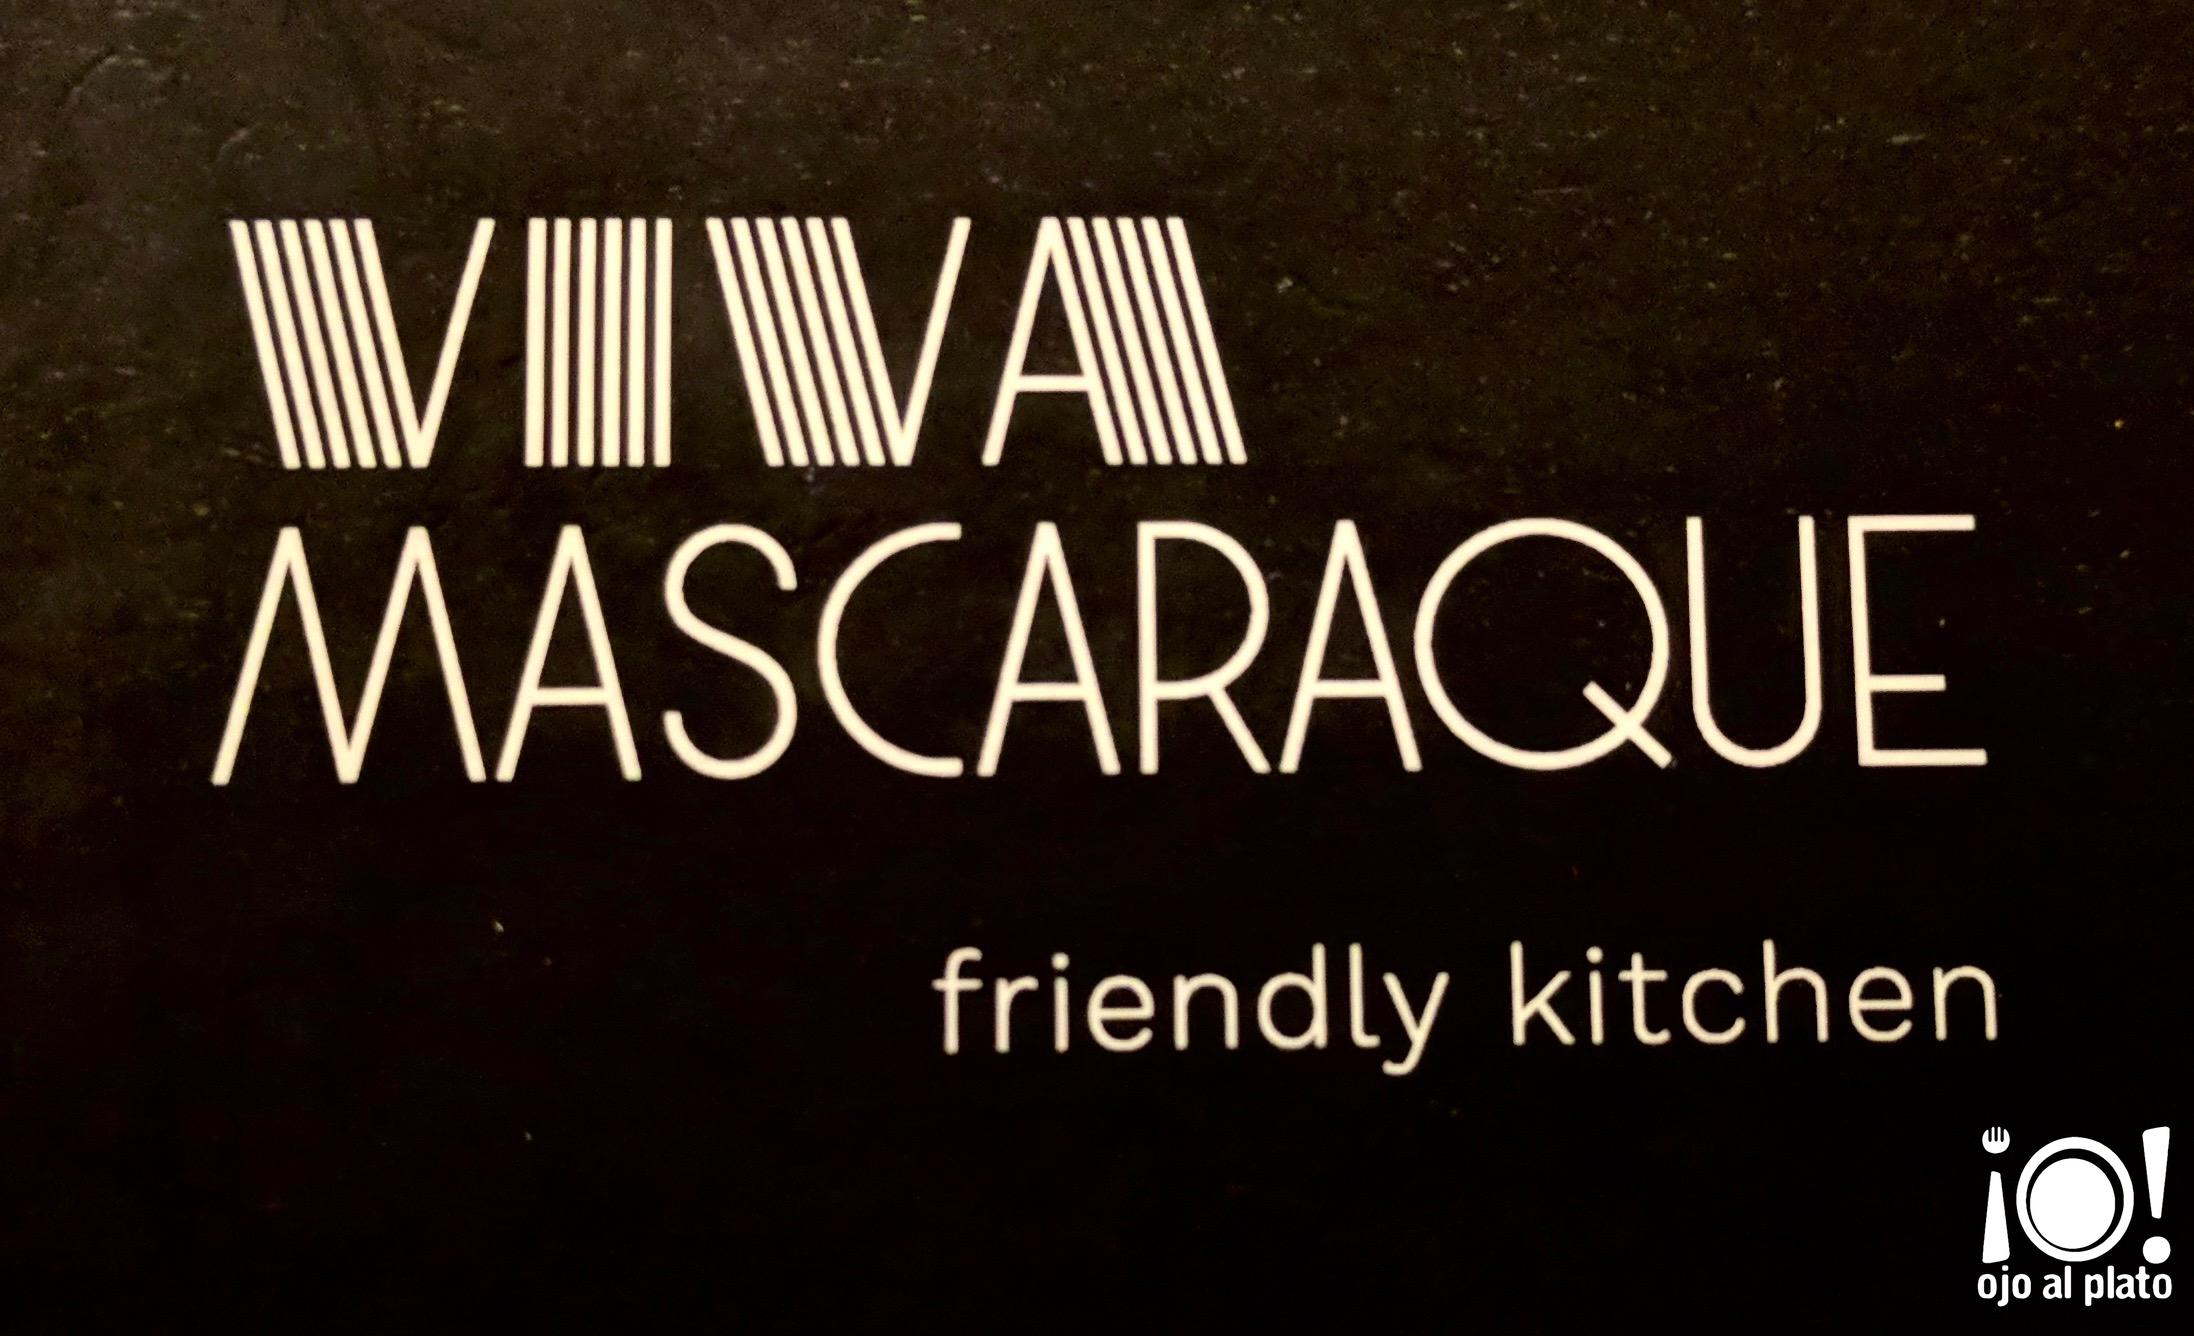 tarjeta mascaraque